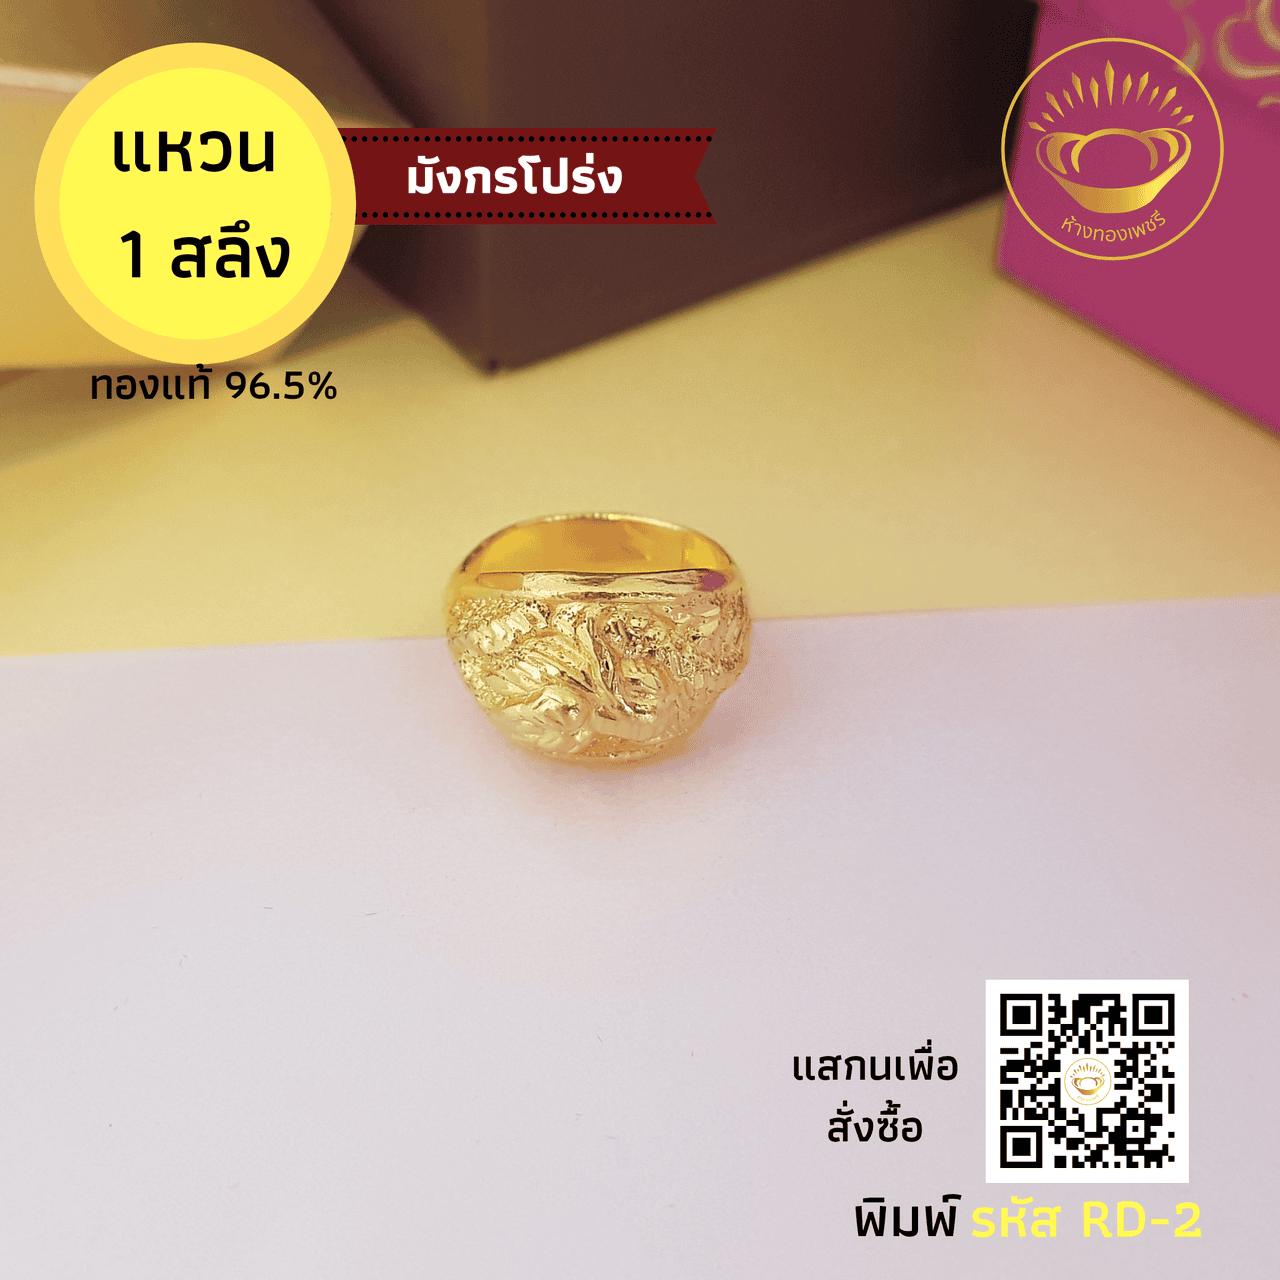 แหวนทองคำแท้ 1สลึง(3.79 กรัม)  มังกรโปร่ง RD-2